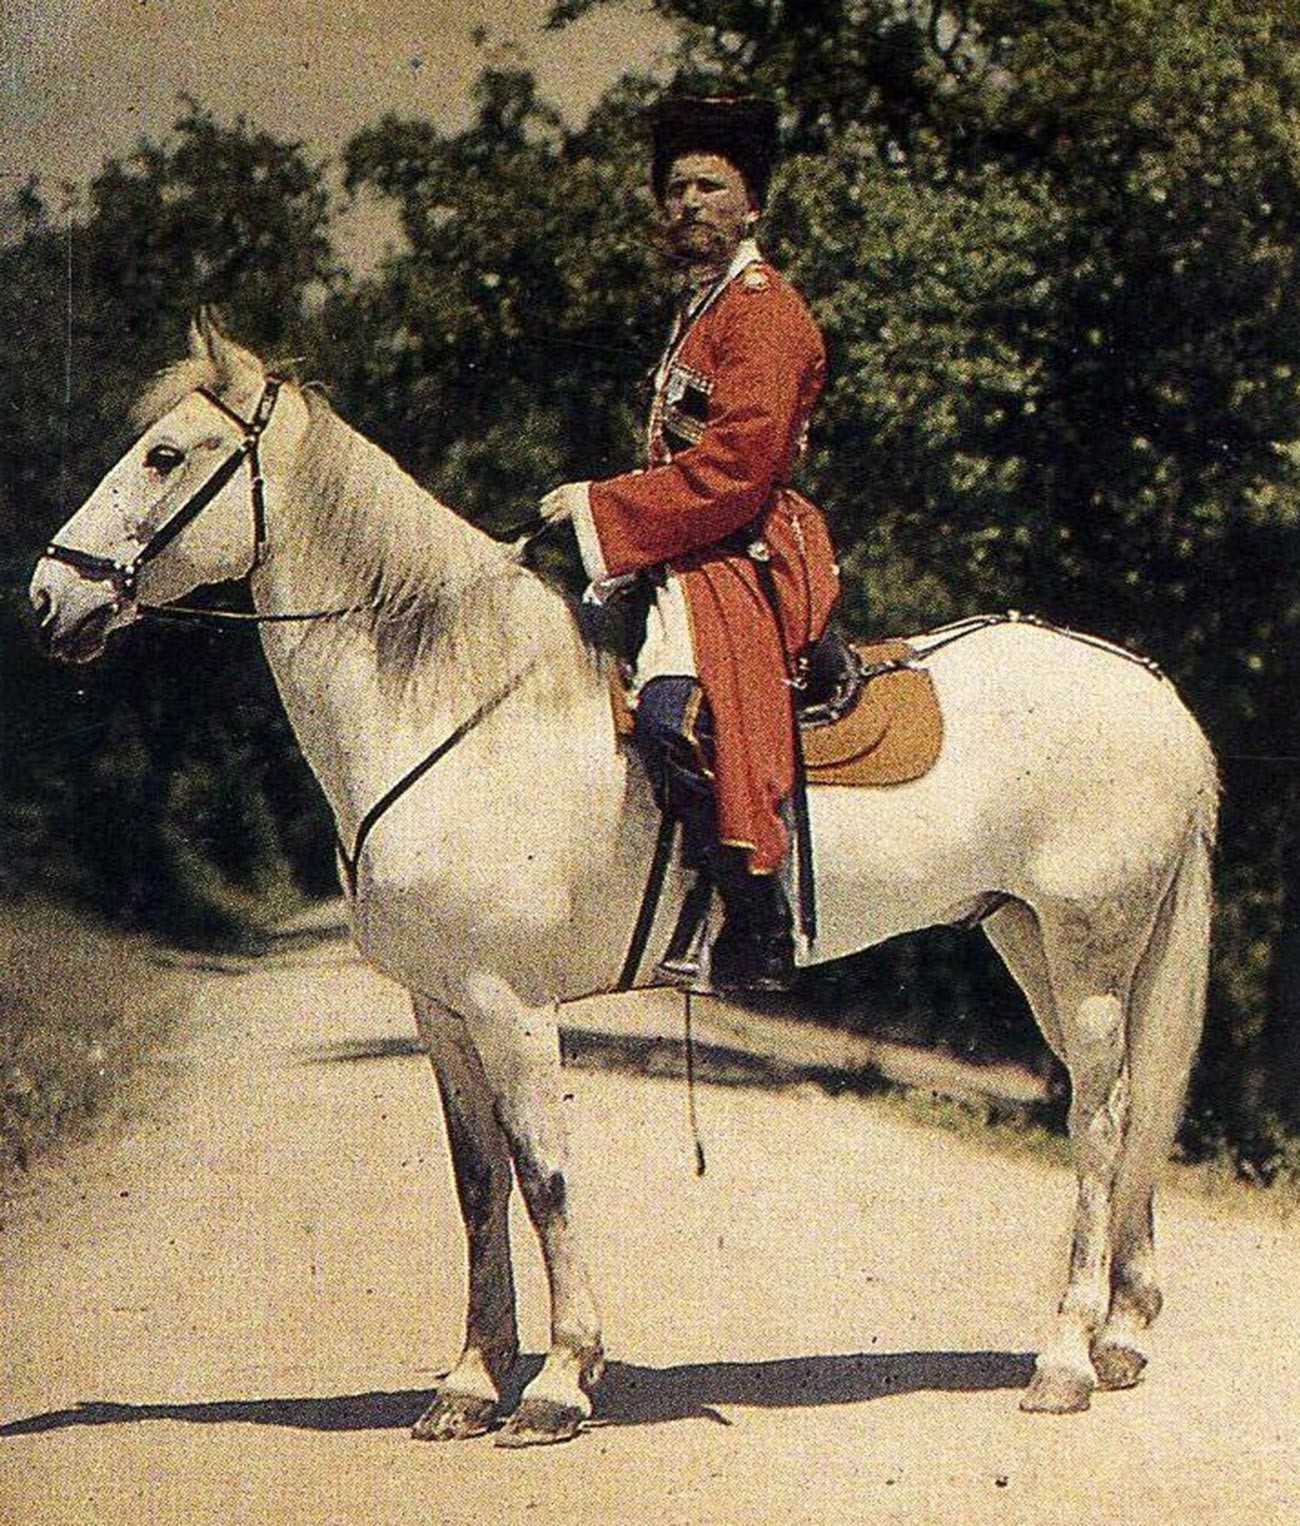 Козак од императорски конвој. Пјотр Веденисов/Архива на Александар Николаевич